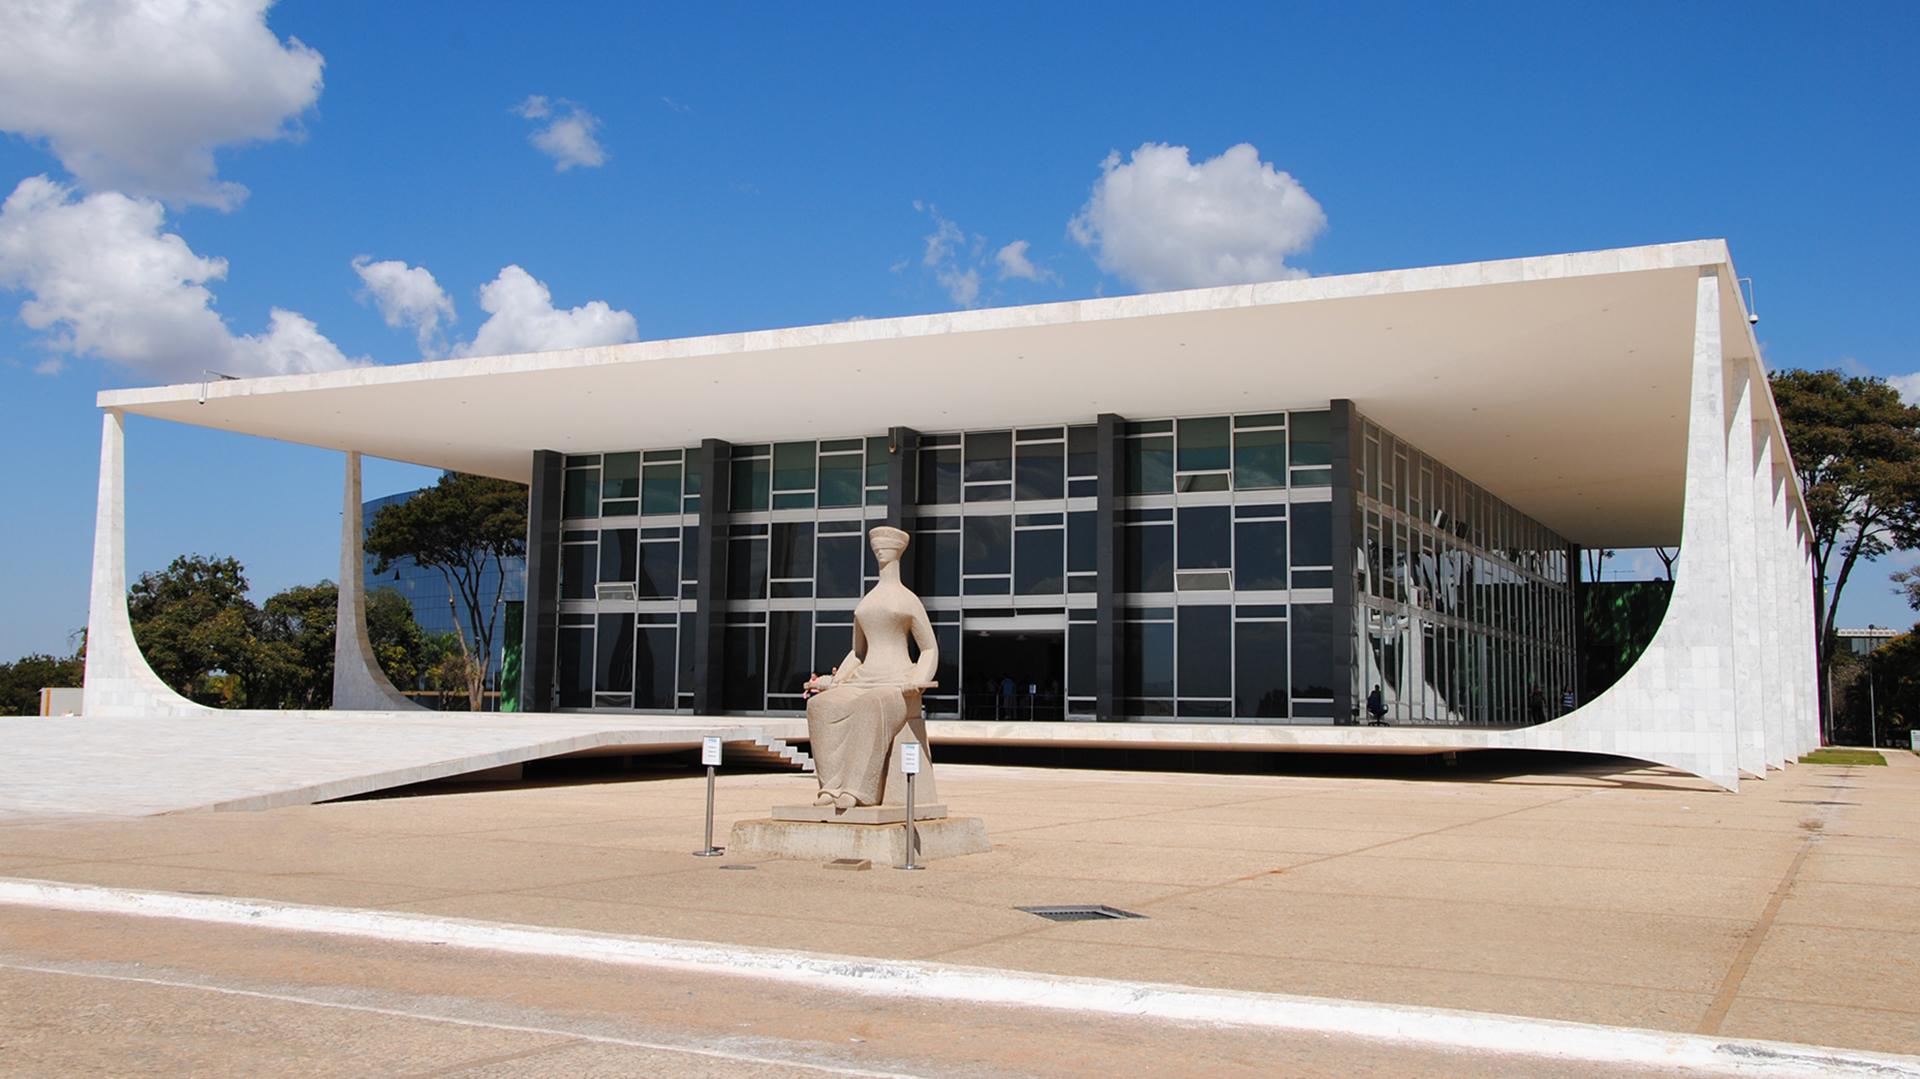 El edificio del Supremo Tribunal Federal, en Brasilia